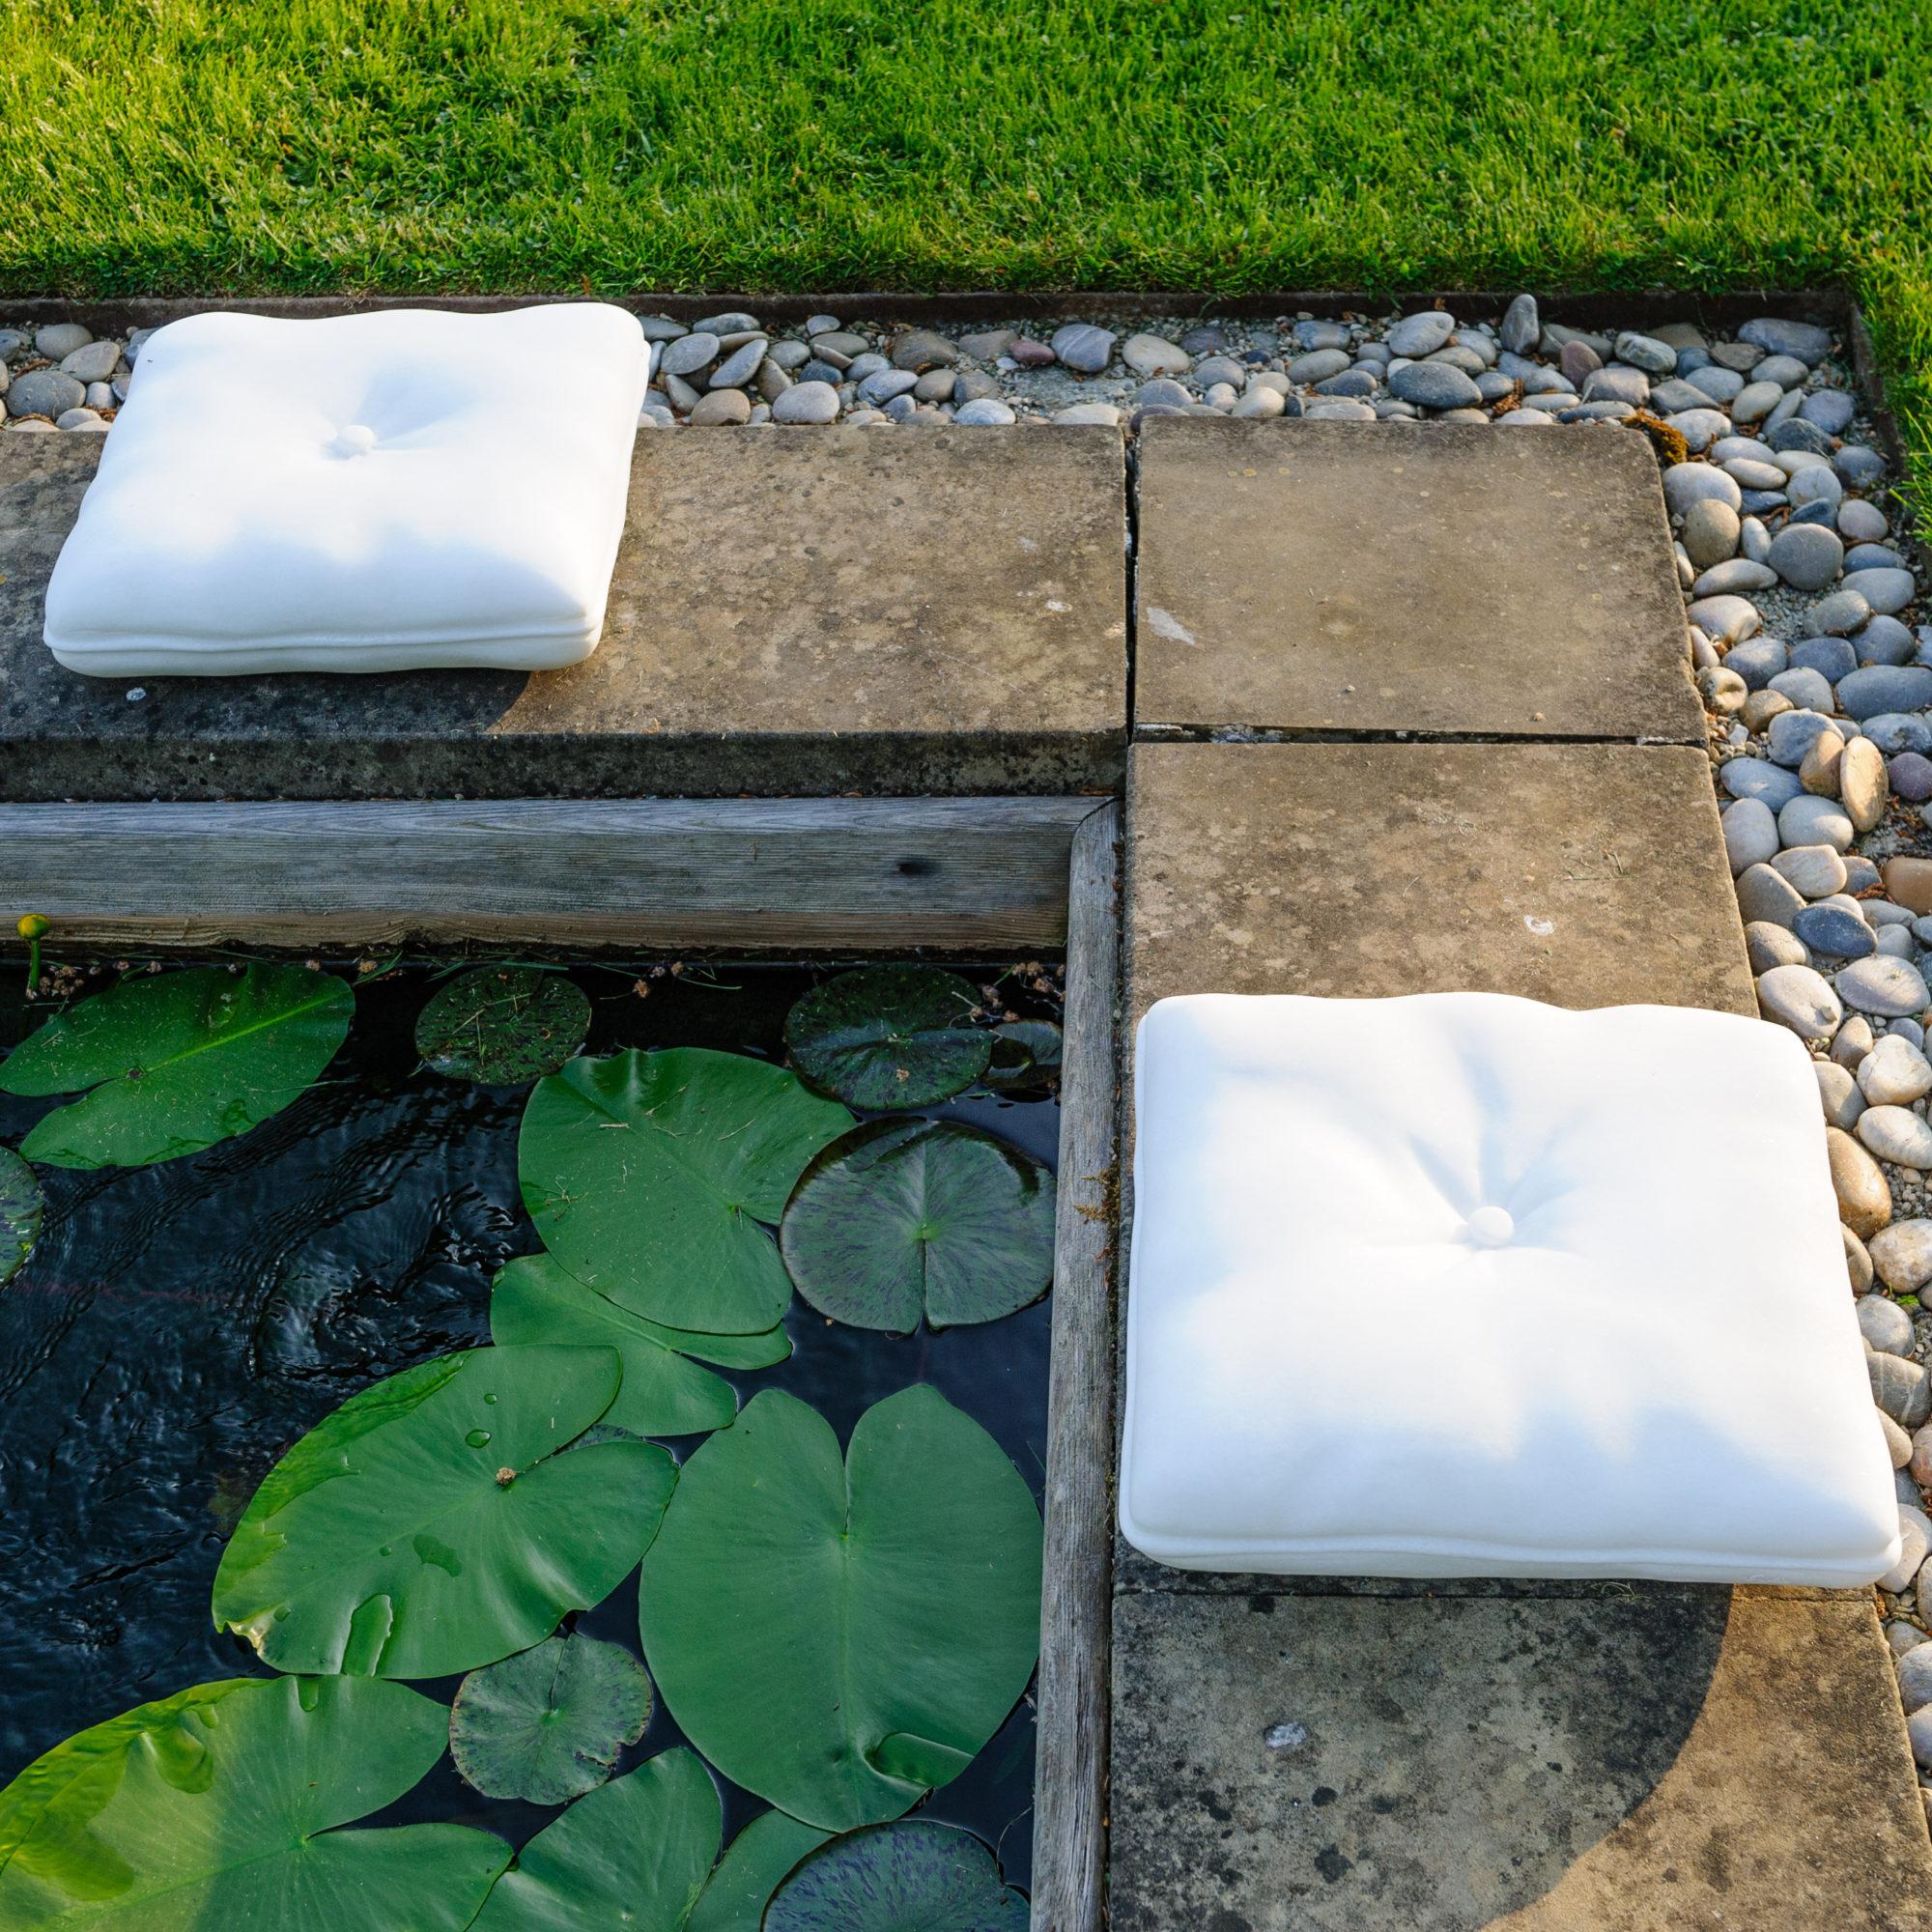 Cushion 1 & 2 image